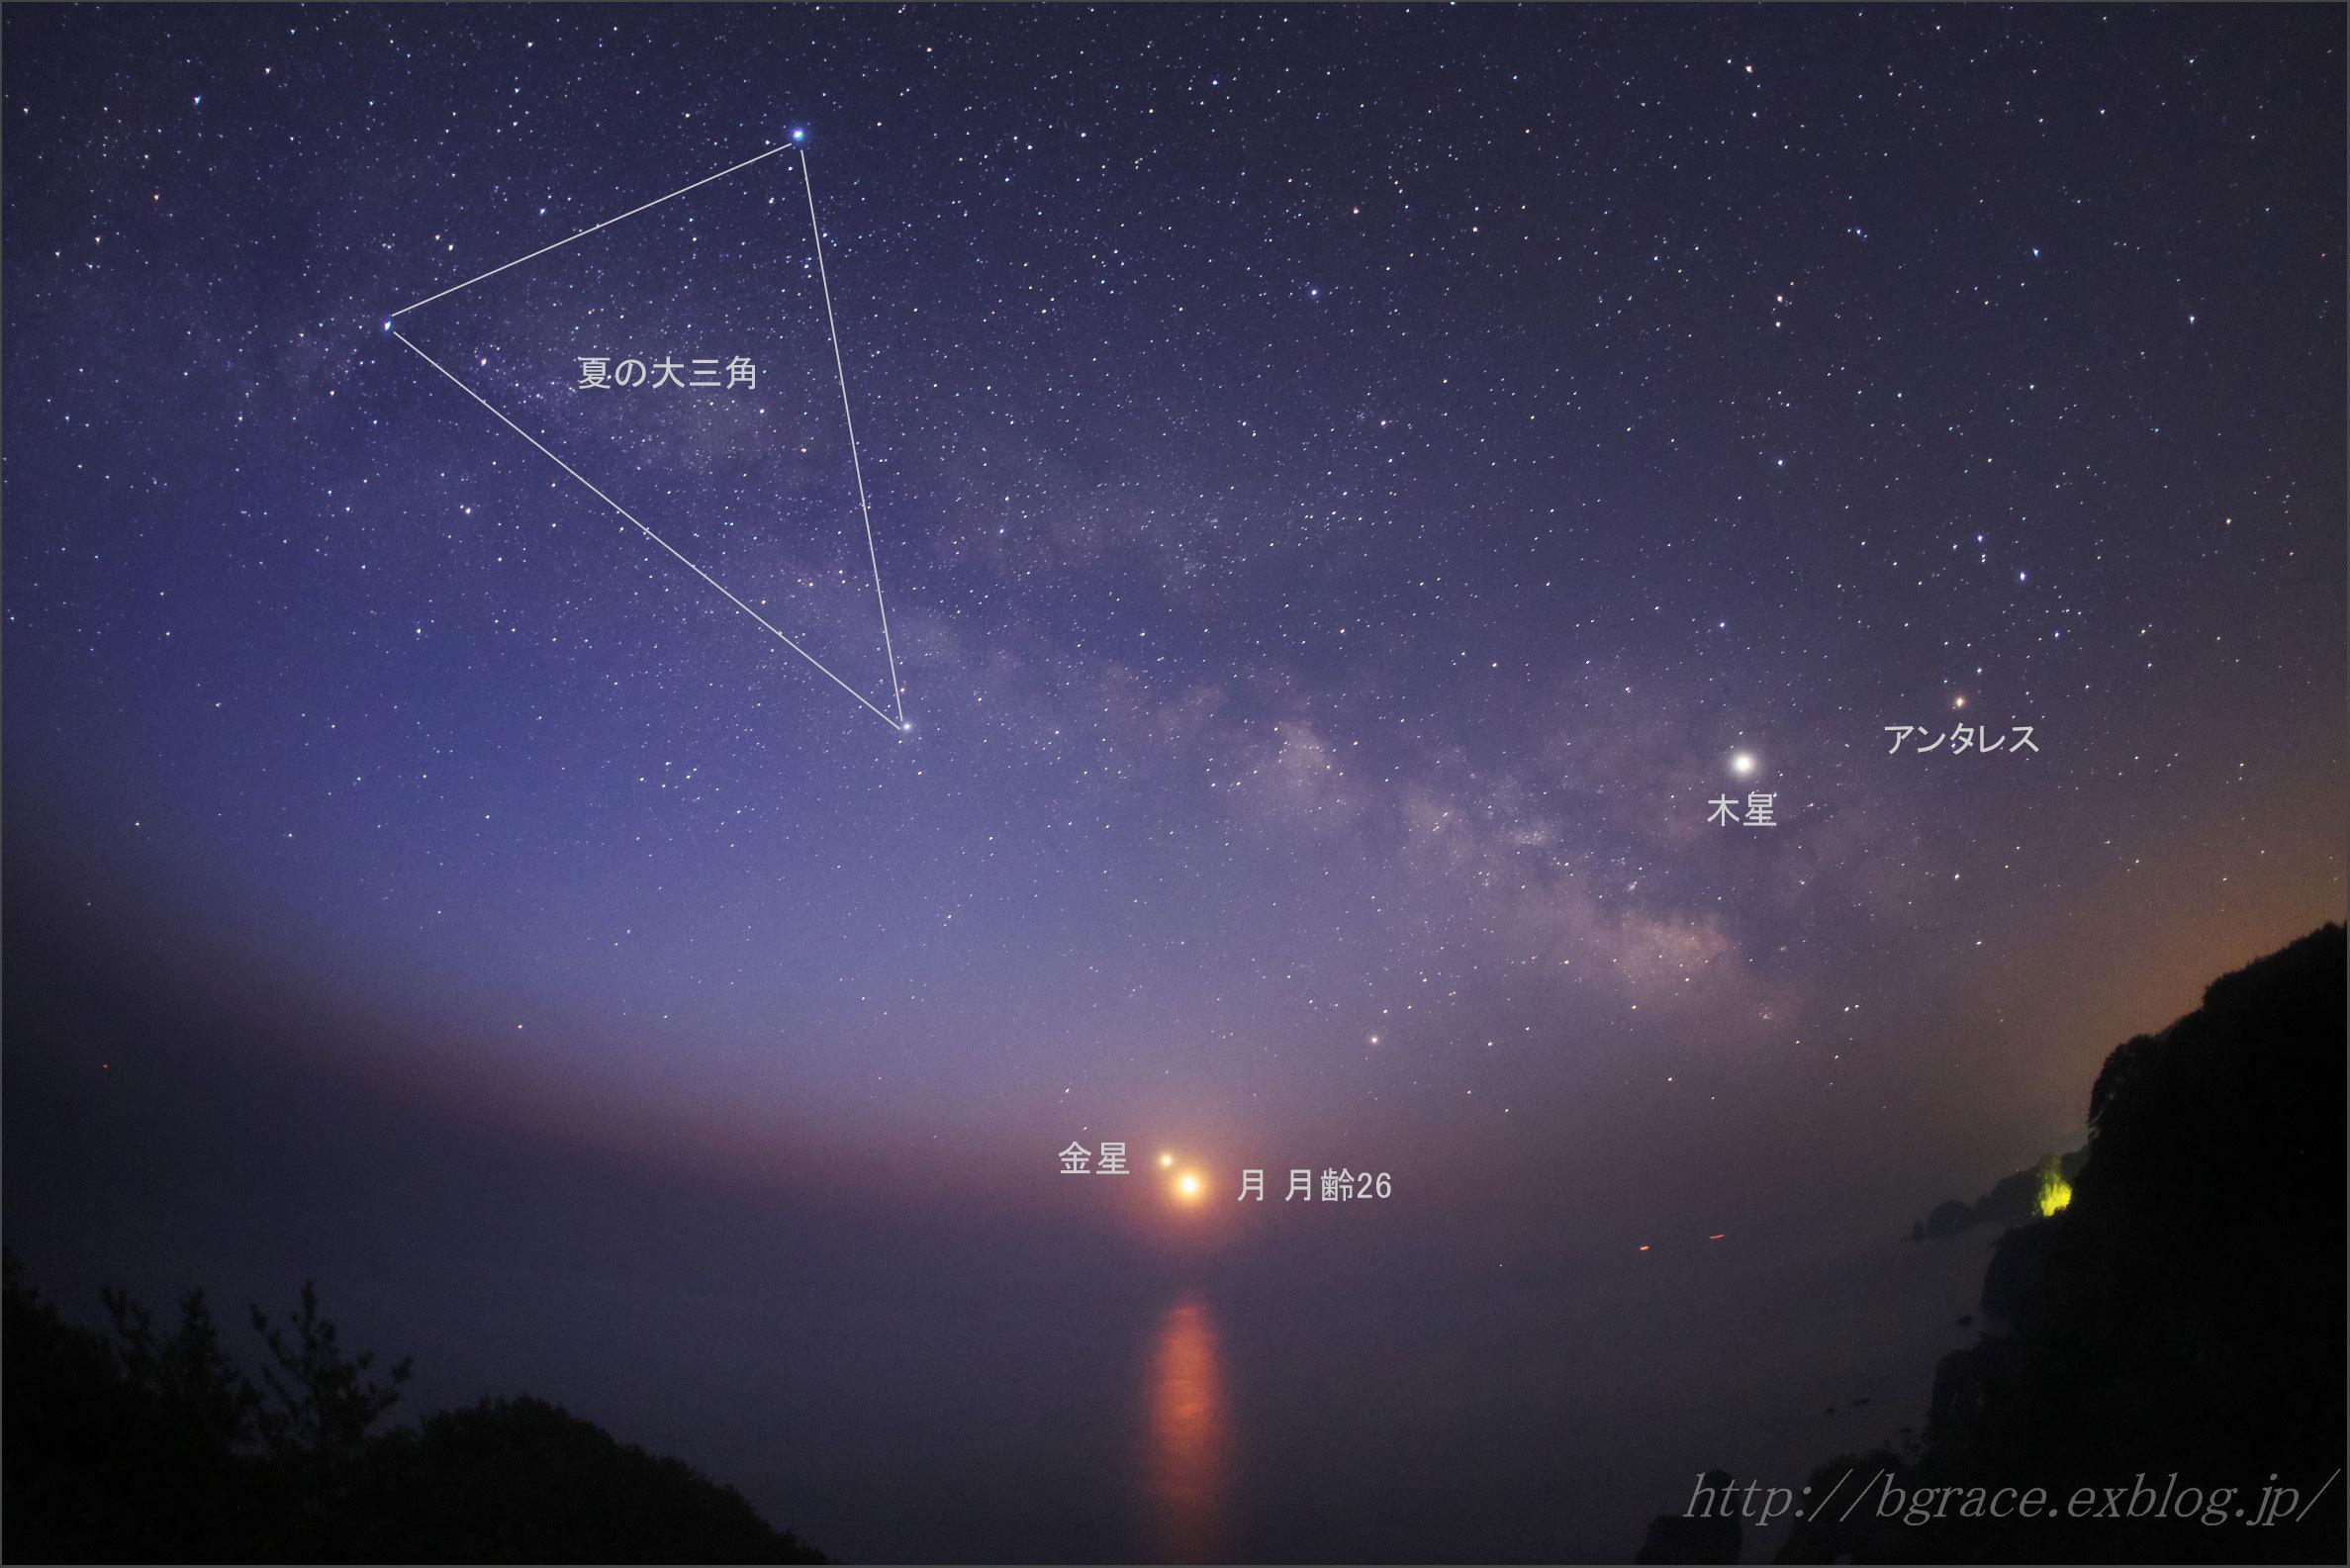 月と金星の大接近 / 夜明けの北山崎_b0191074_21340976.jpg